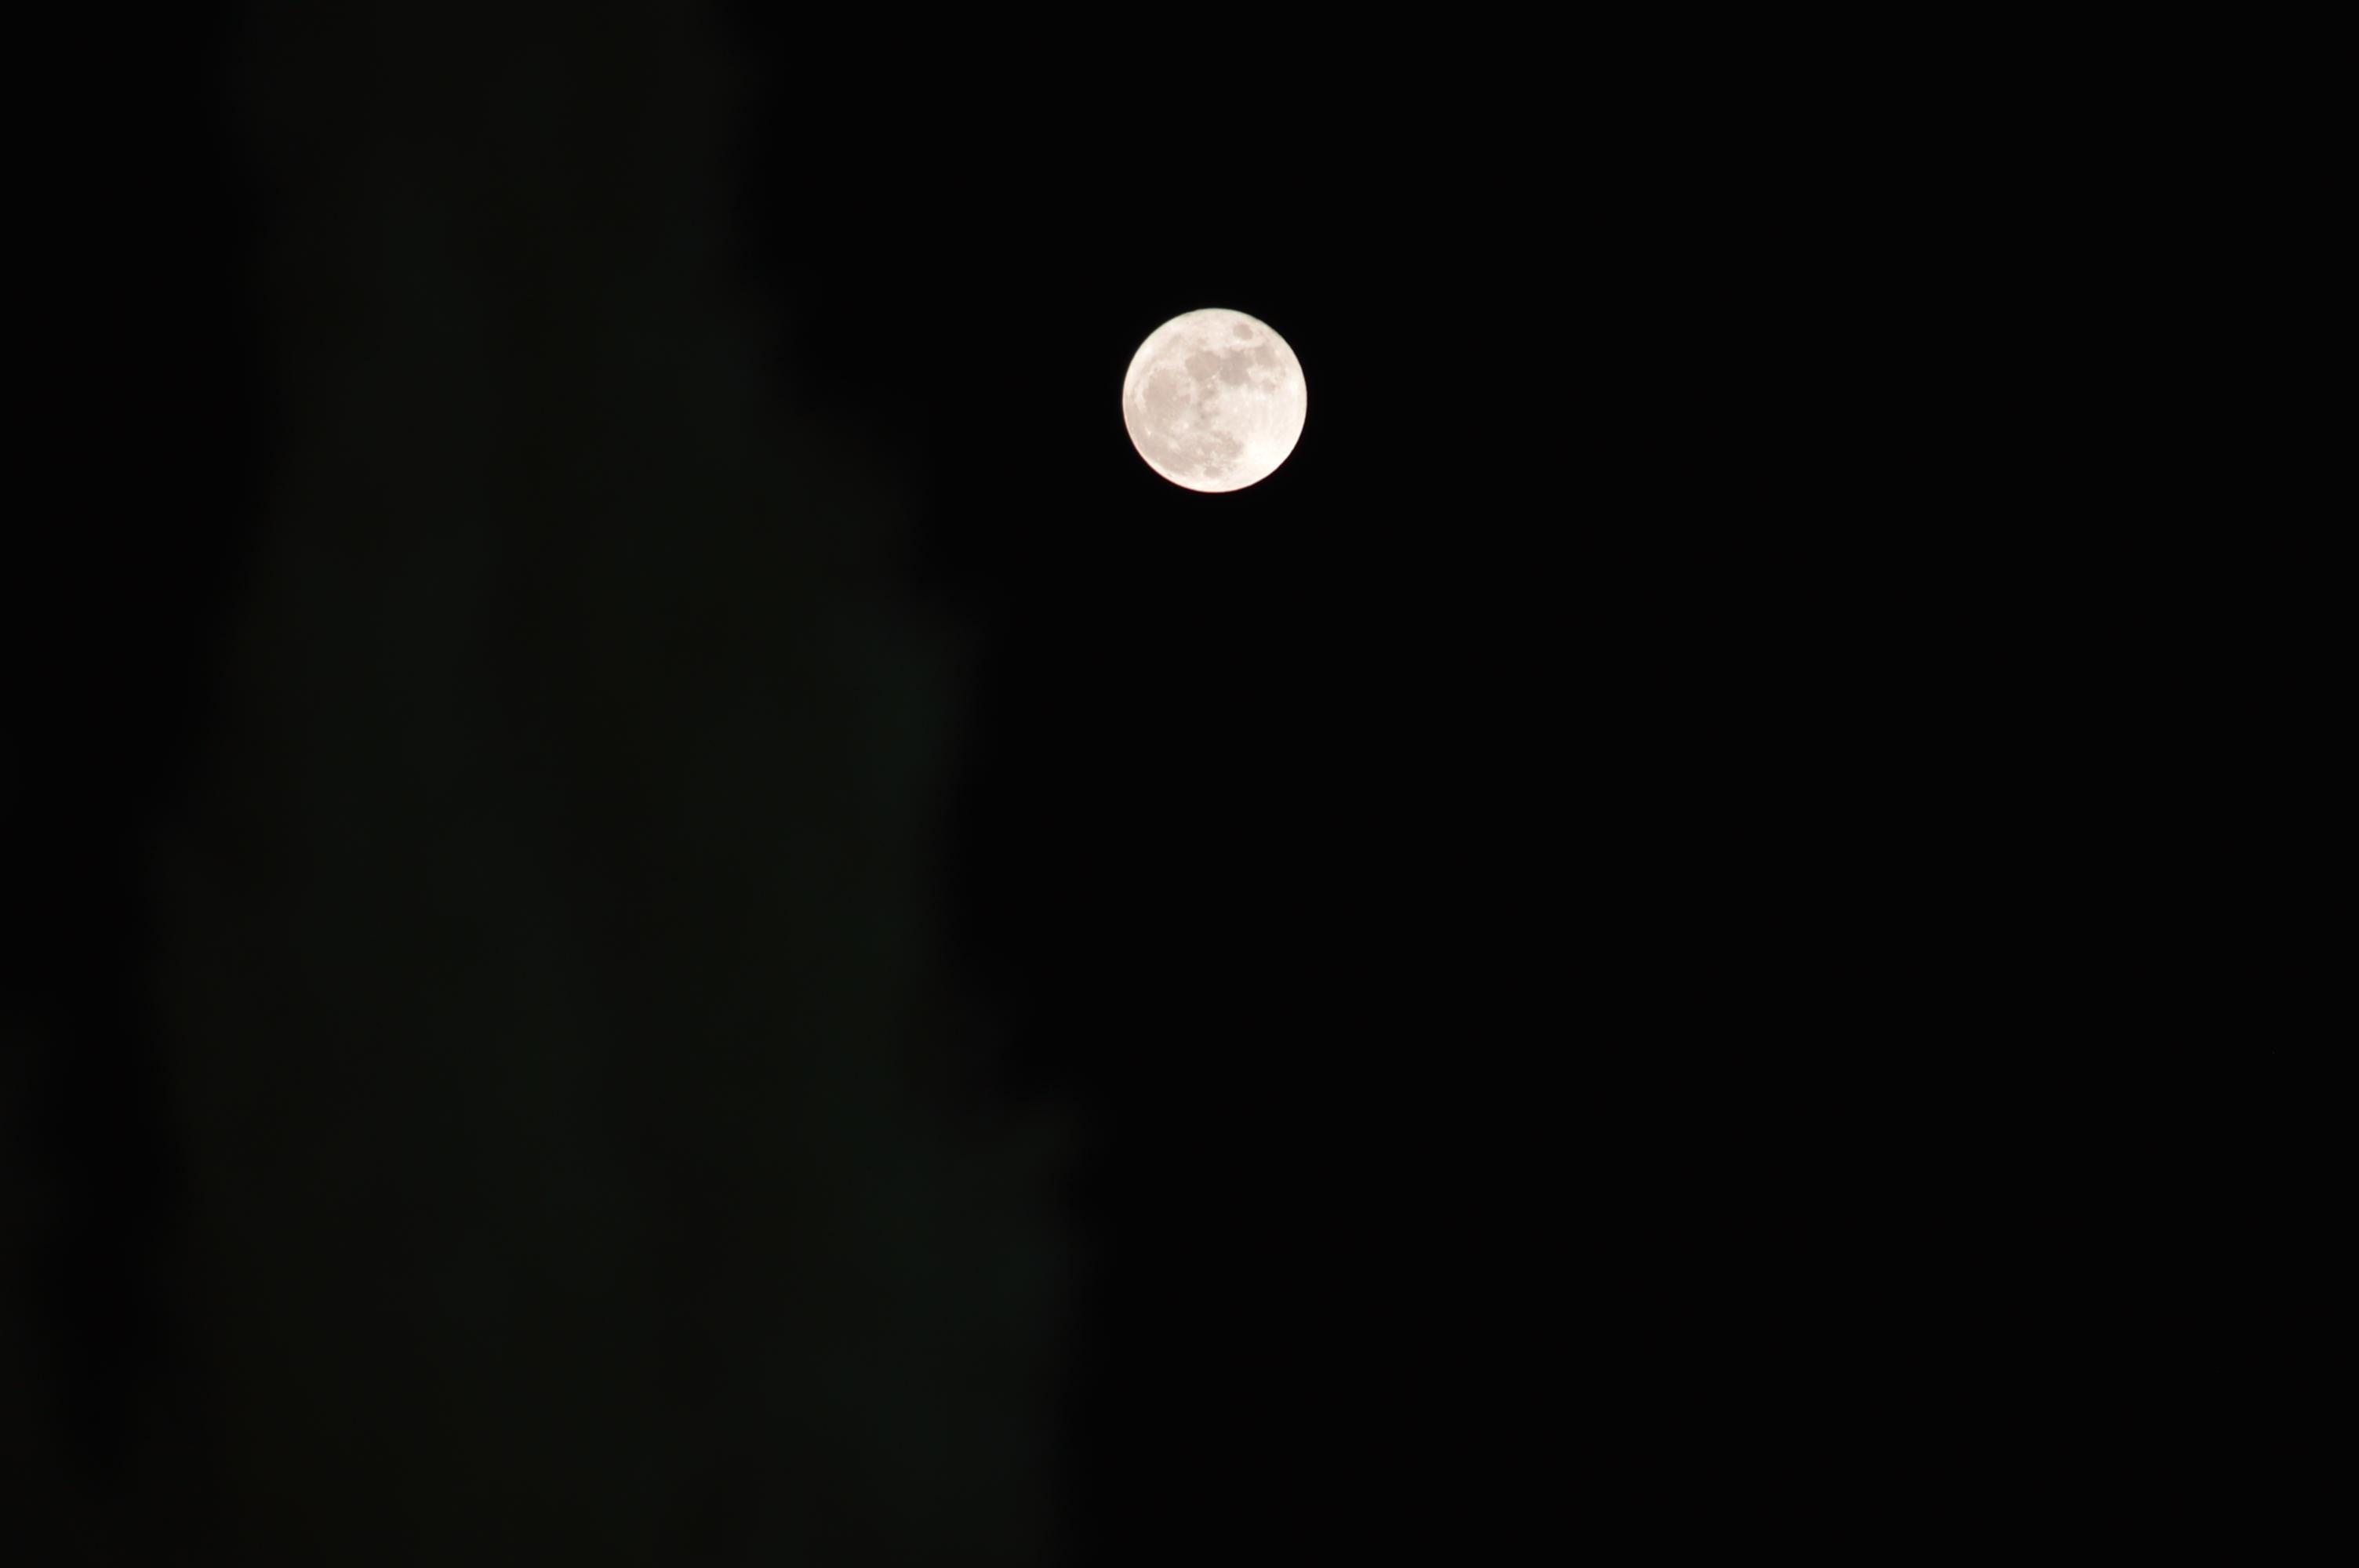 Light Sky Night Dark Evening Darkness Lighting Moon Full Moonlight Celestial Event